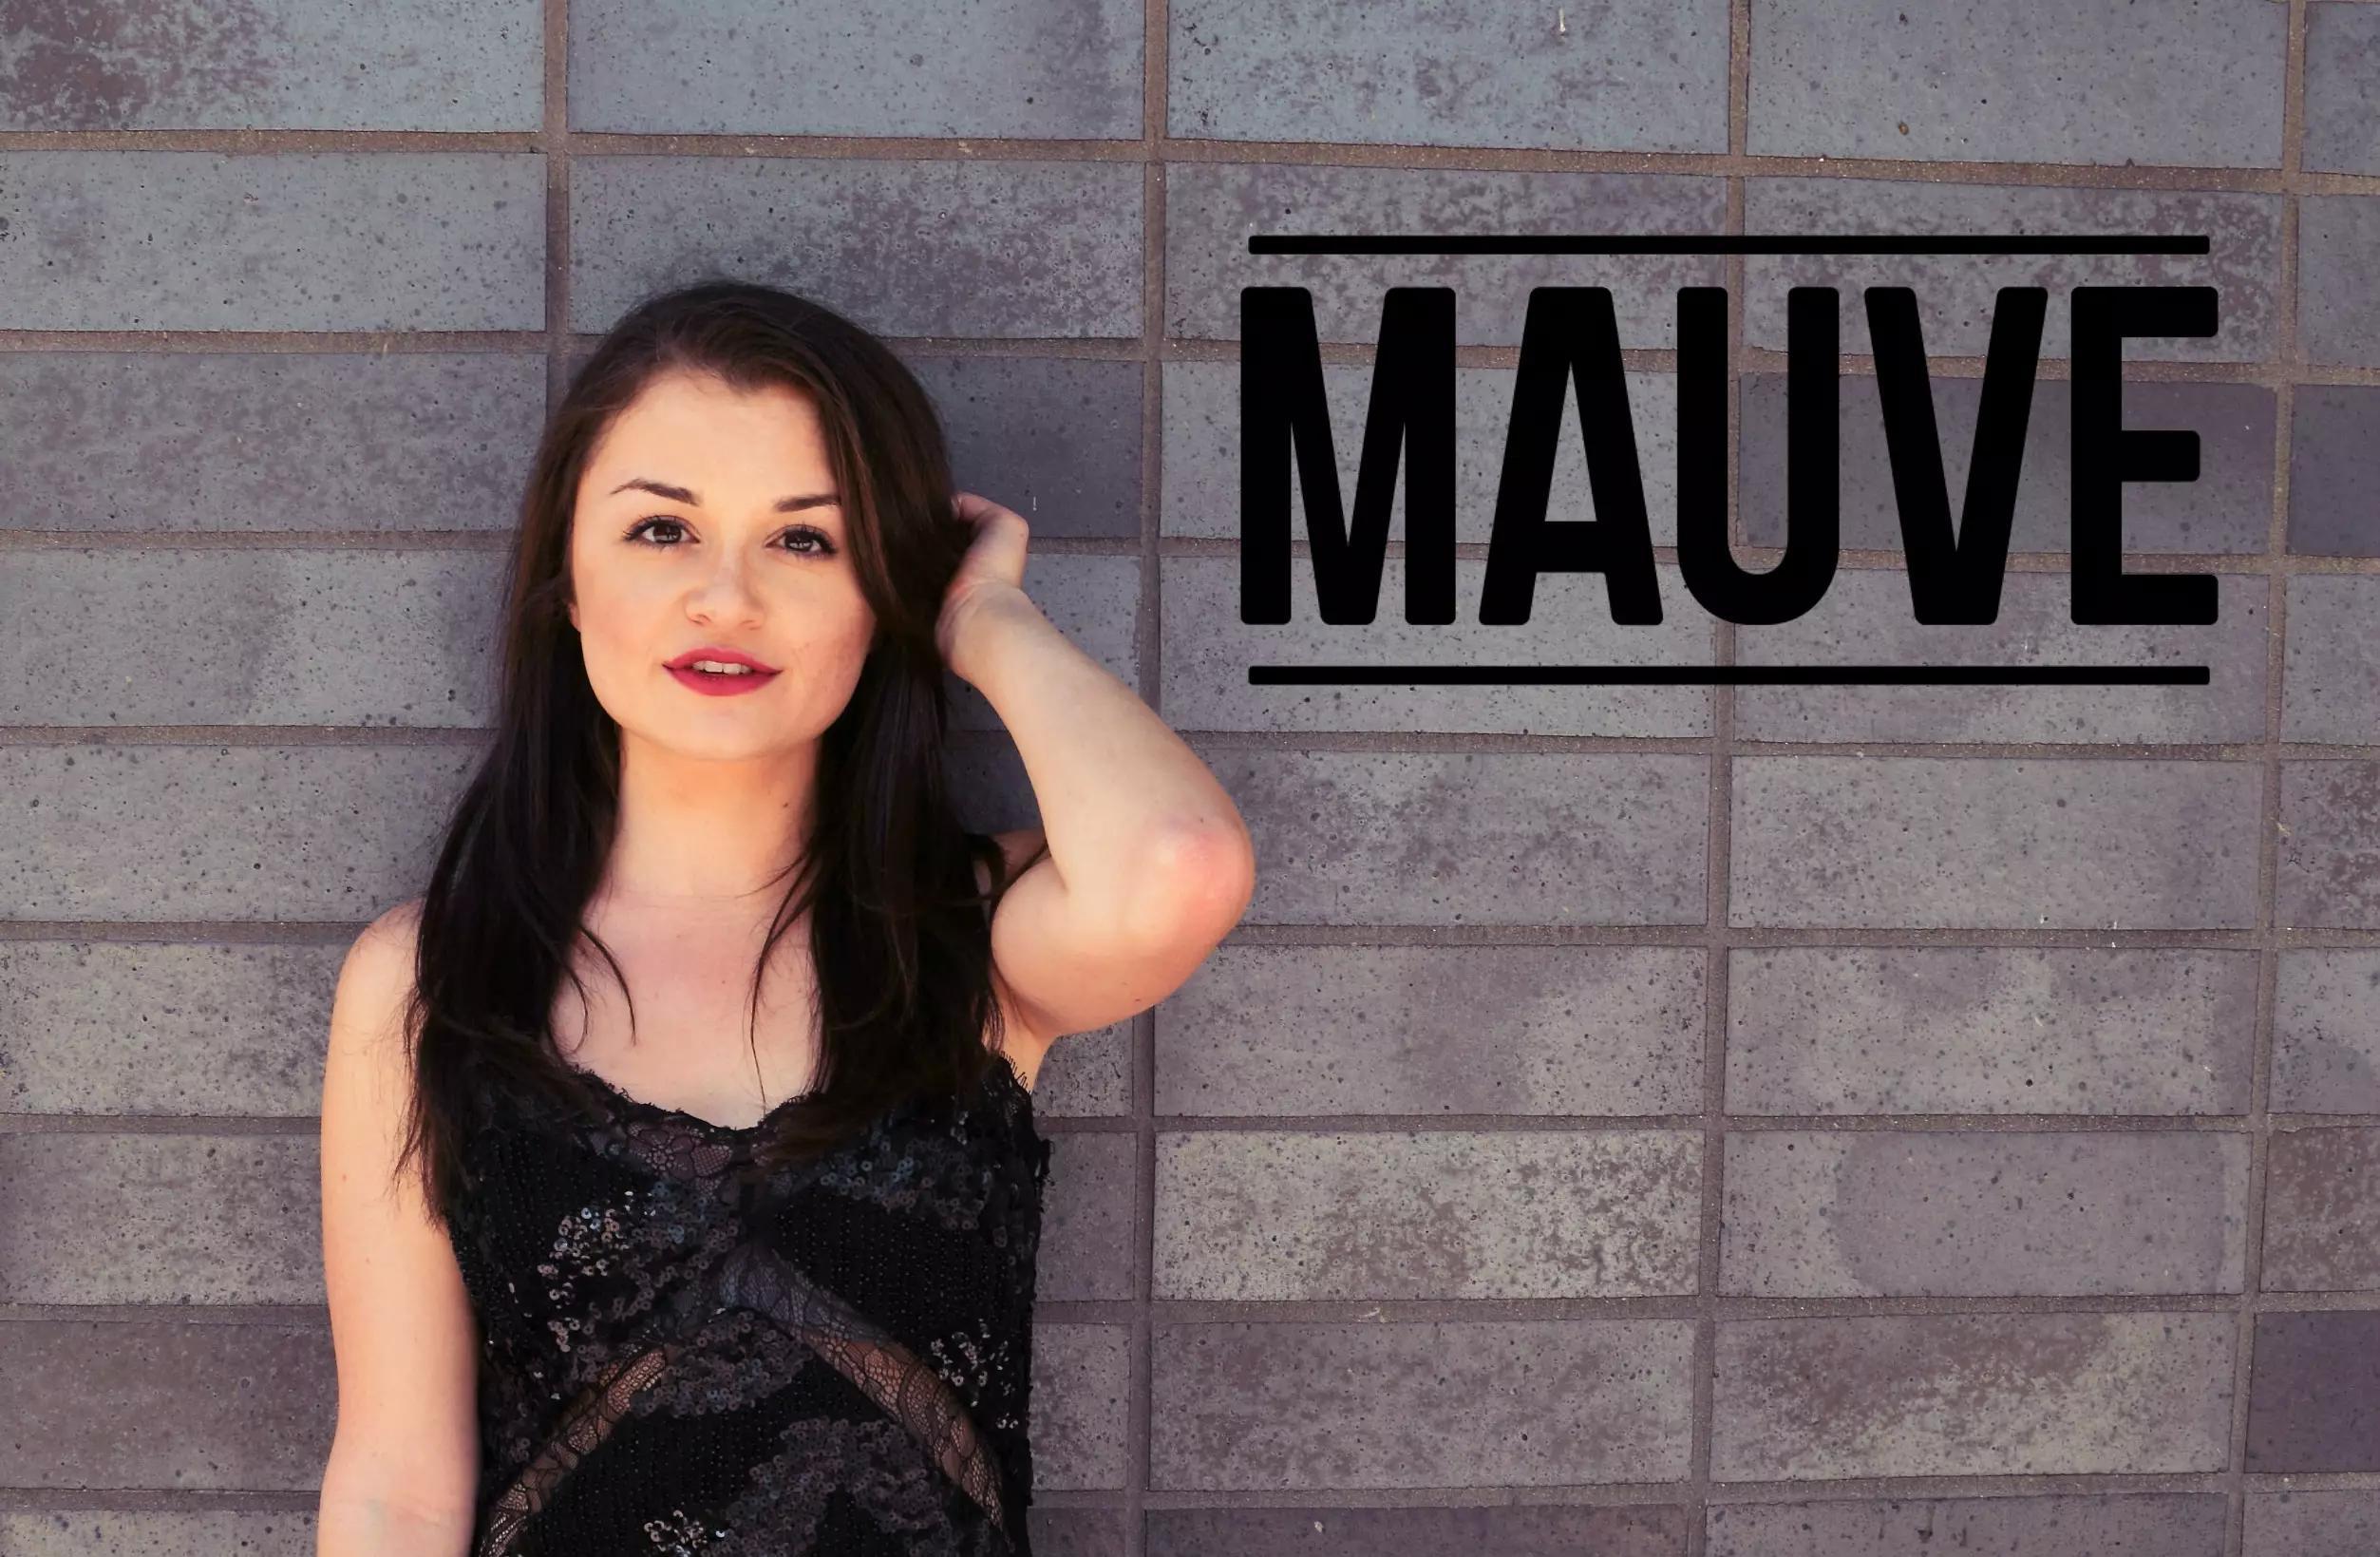 mauvepic